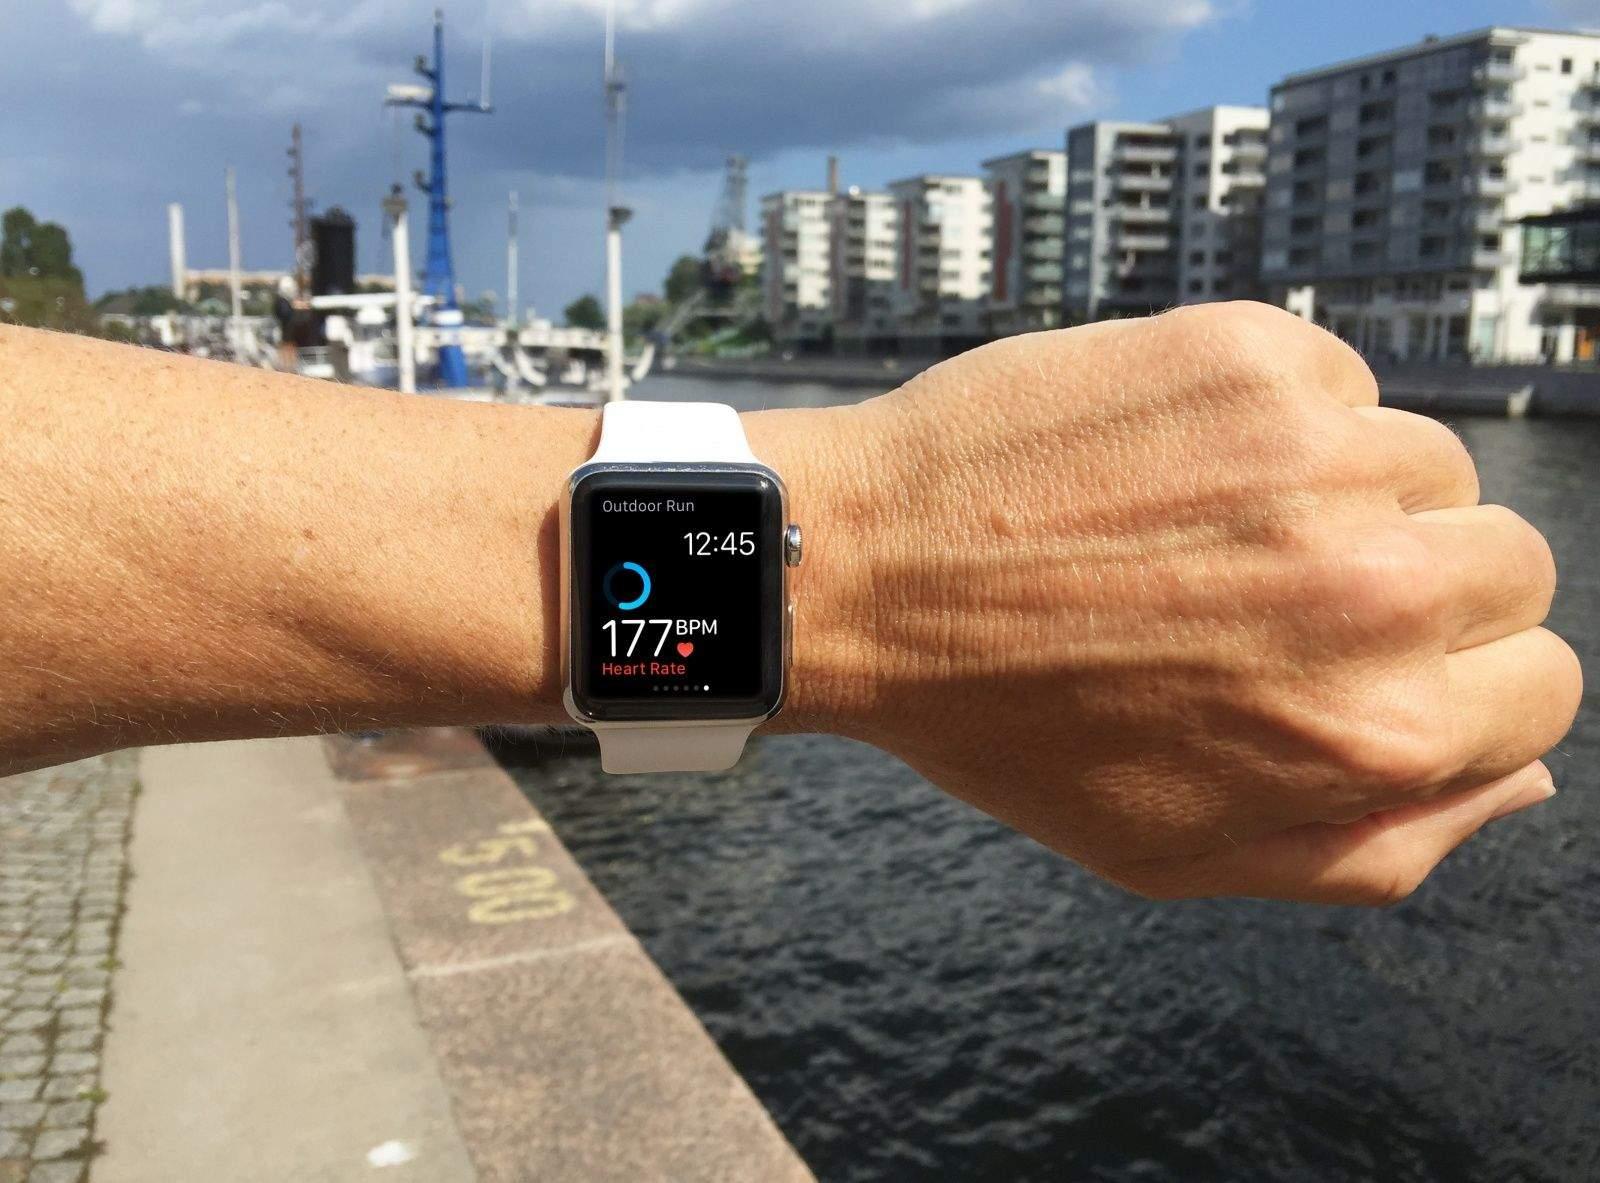 佩戴Apple Watch能跑完马拉松全程吗 - 如何更改WordPress首页文章摘要字数